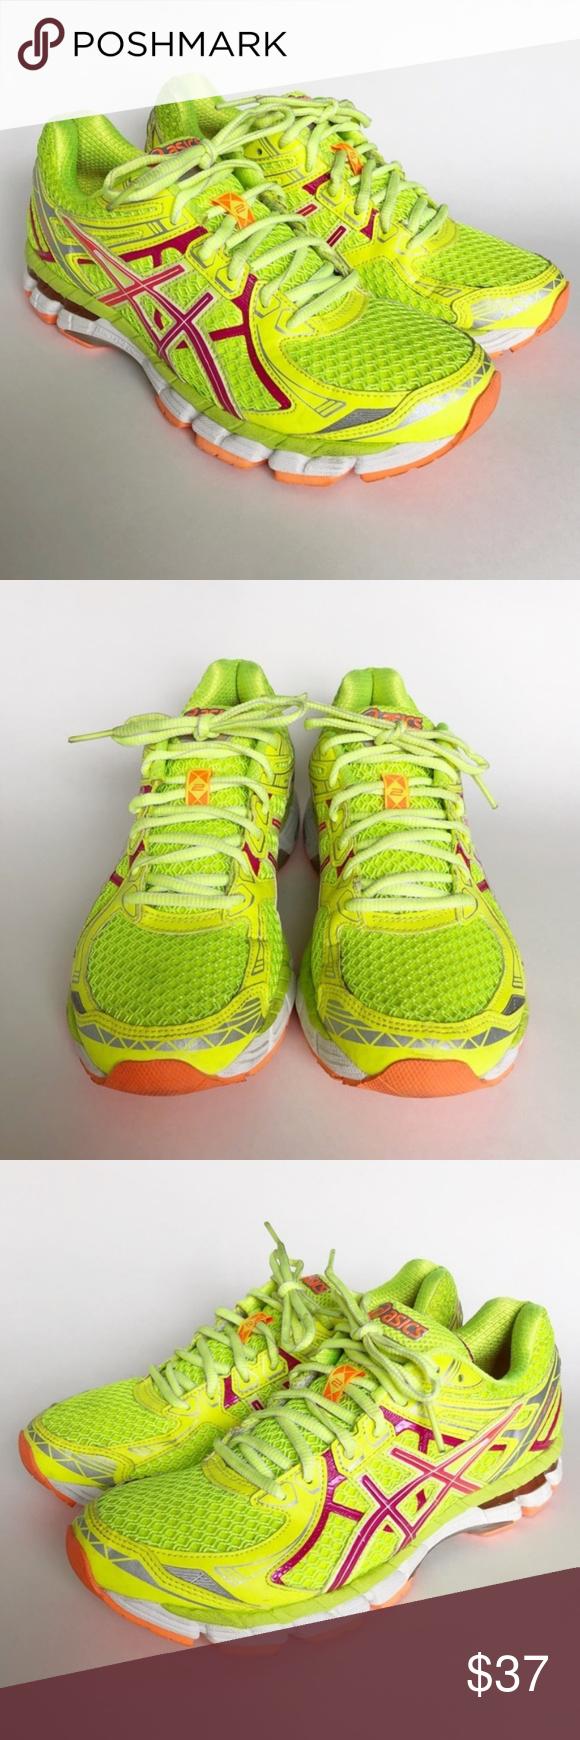 Asics Gel GT 2000 Neon Yellow Running Sneaker 8 Neon